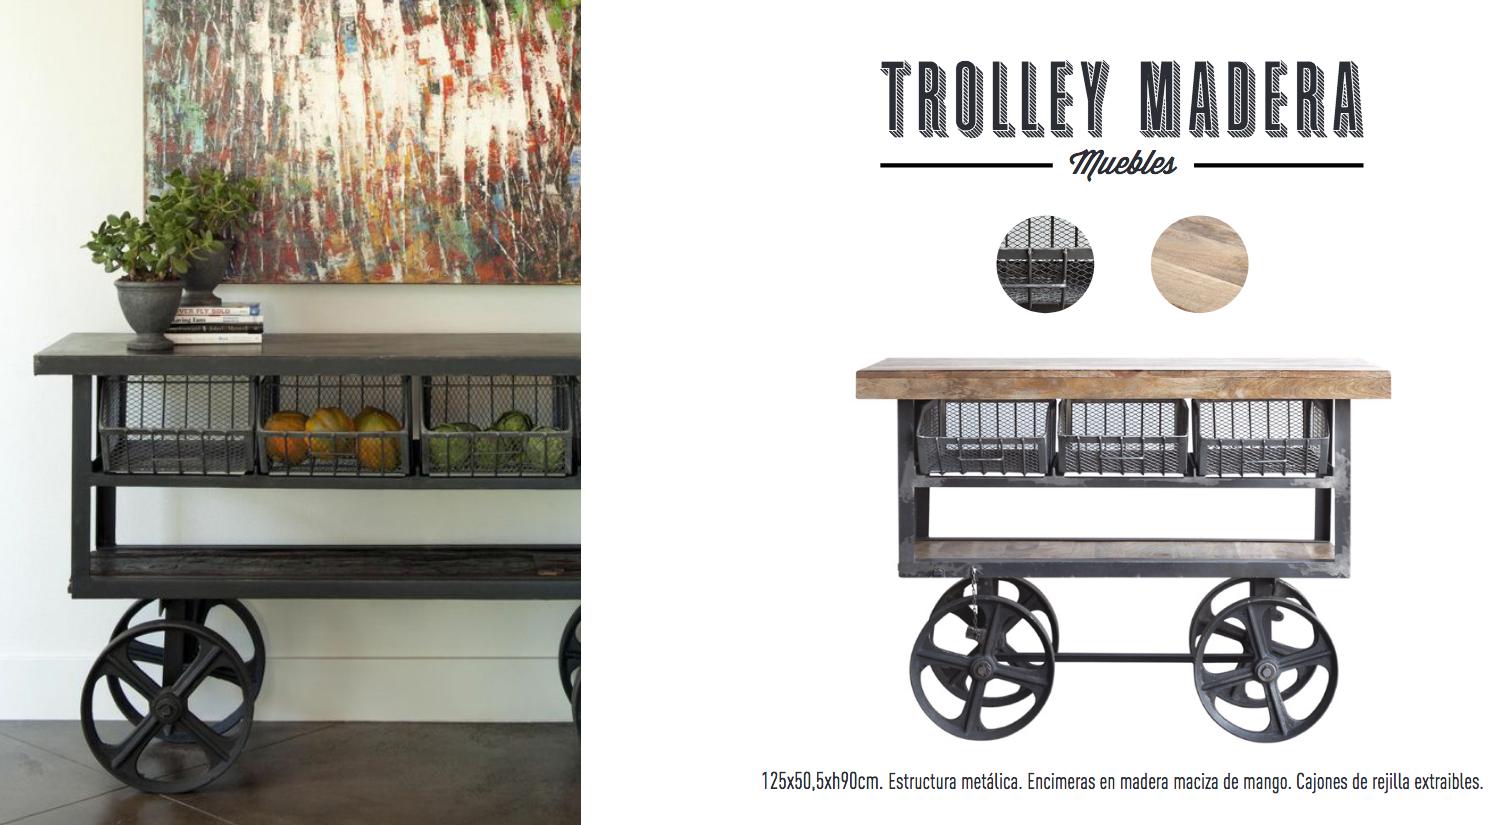 Trolley Madera